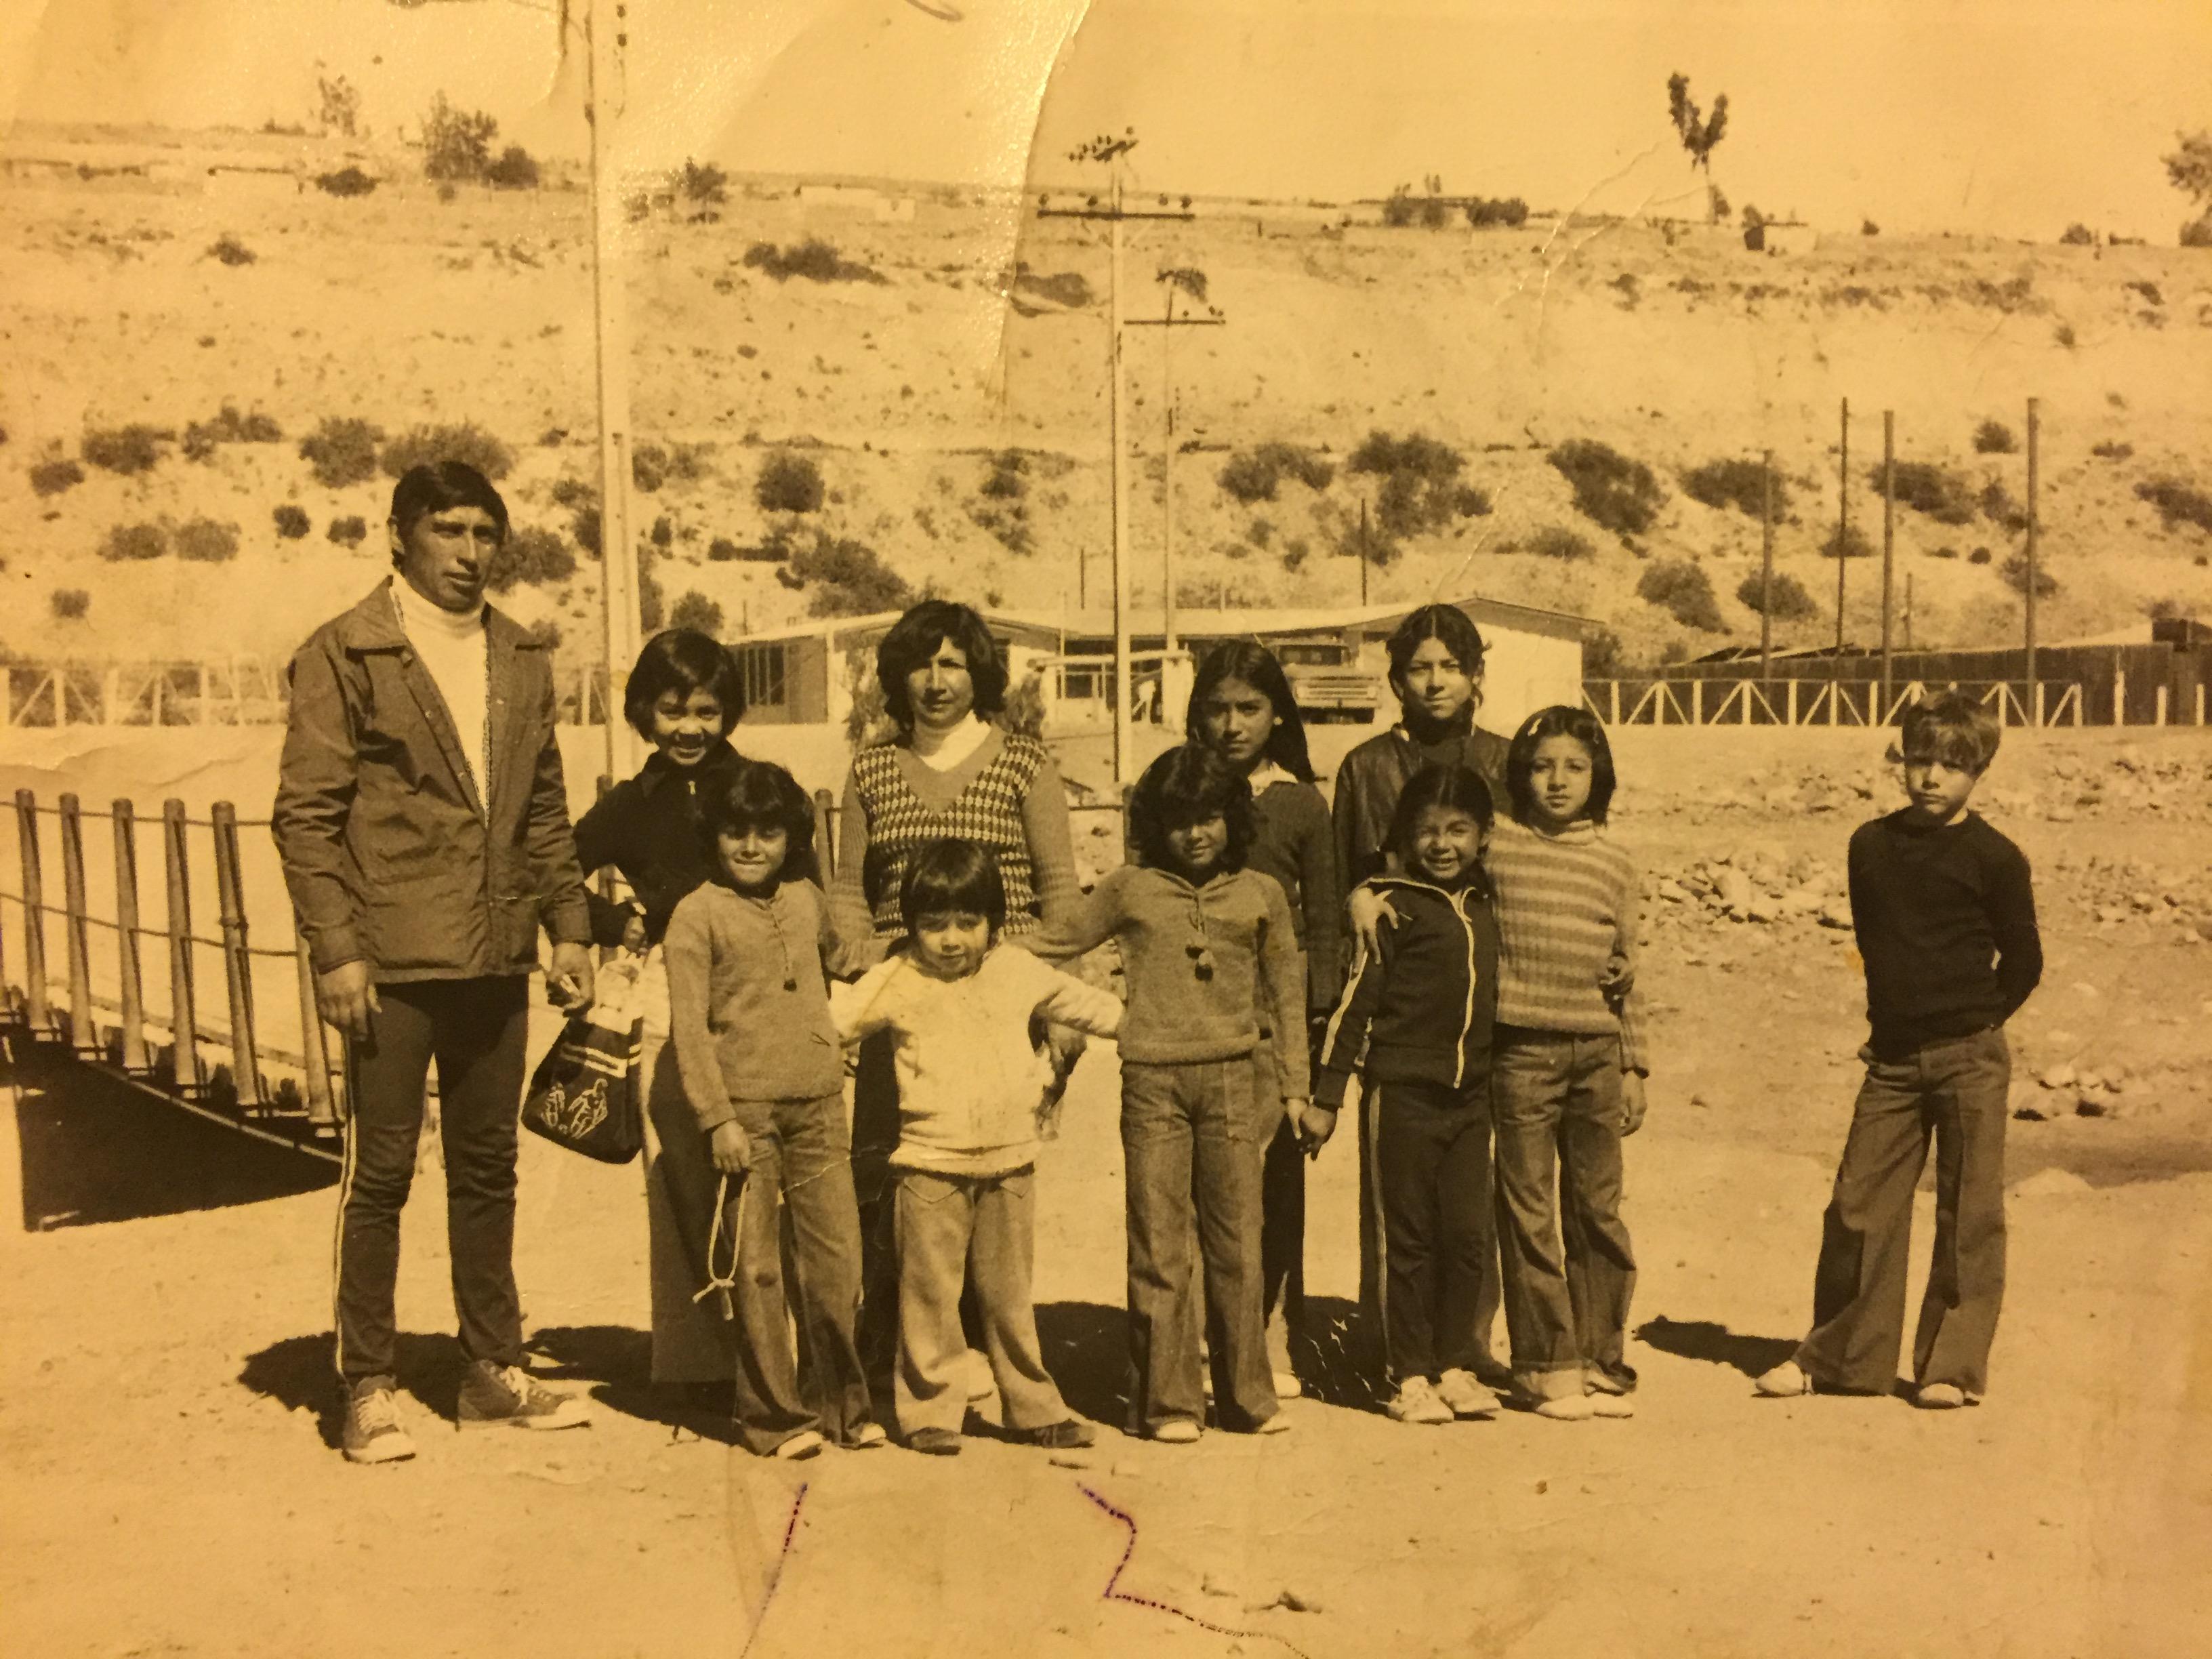 Documental sobre la historia de la gimnasia en Vallenar reunió a antiguos deportistas